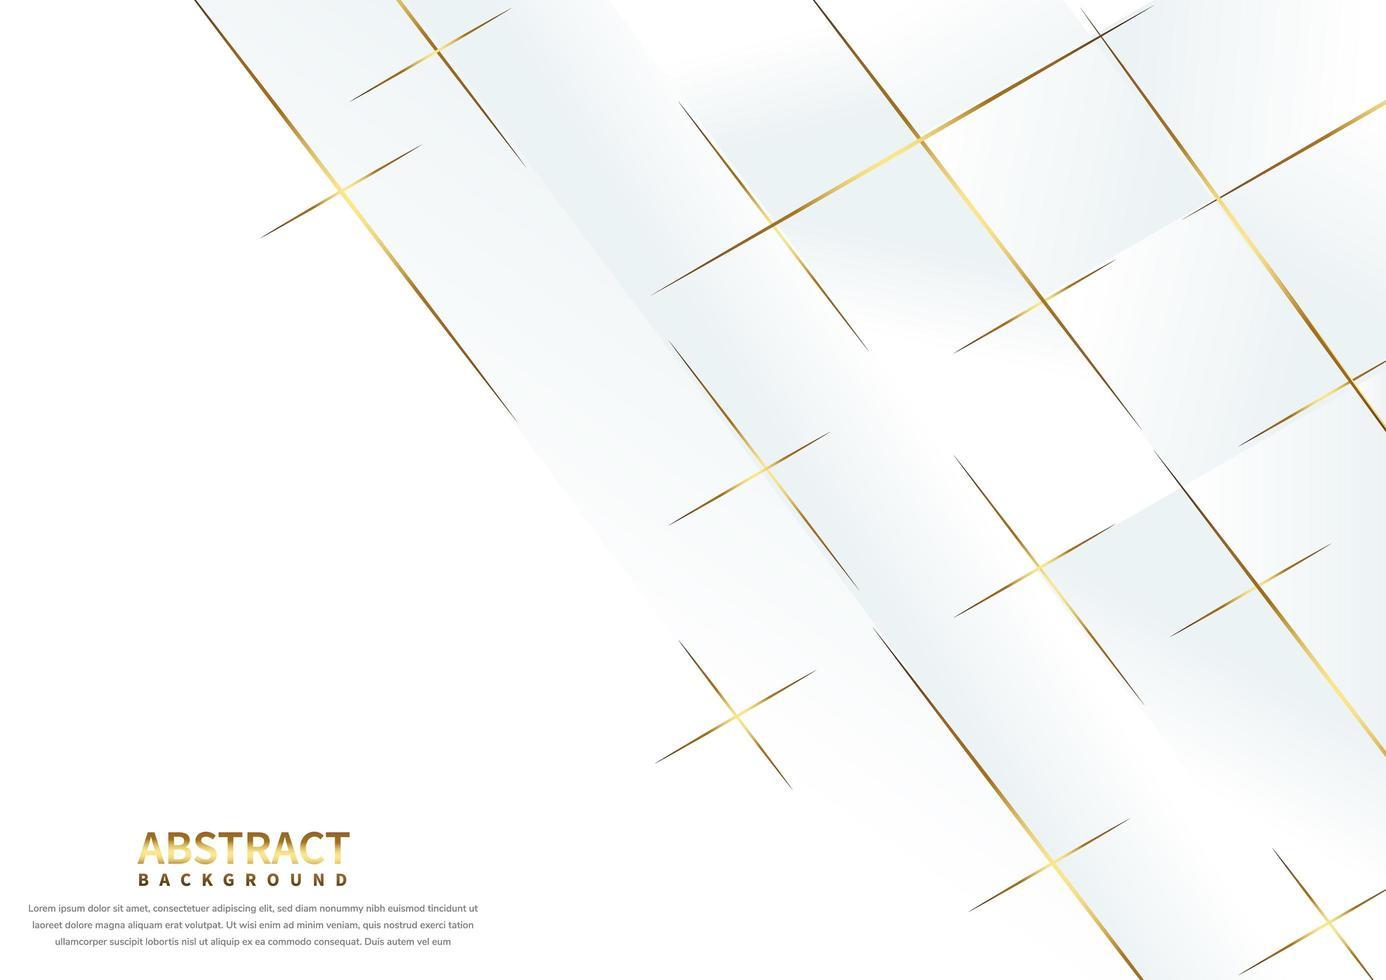 abstact sfondo bianco con linee sovrapposte in oro vettore